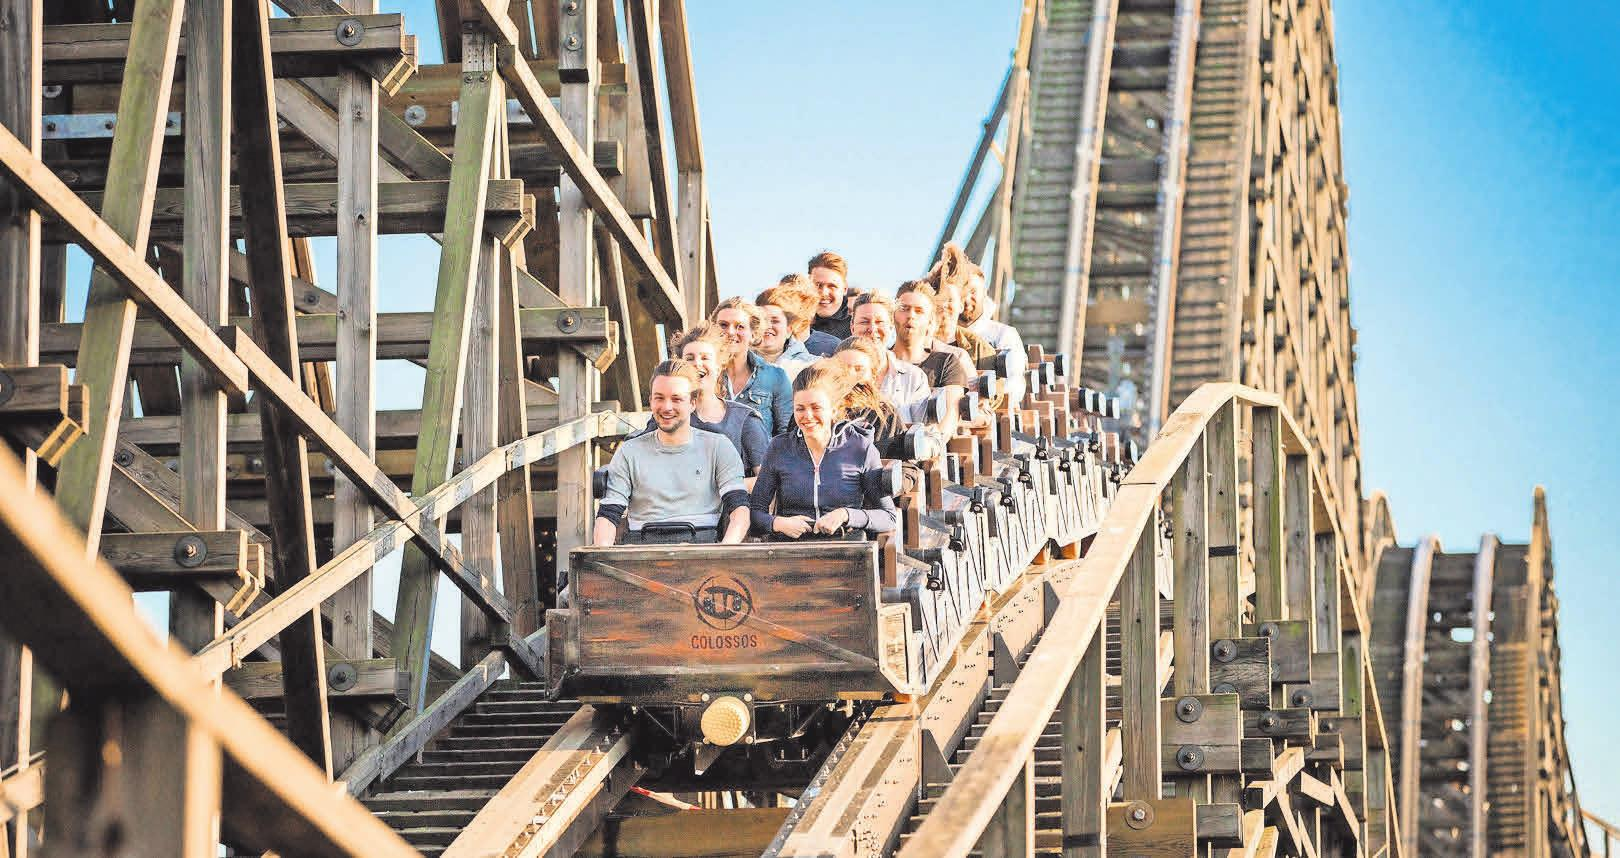 Die Achterbahn Colossos – Kampf der Giganten ist eines der Highlights im Freizeitpark. Foto: Heide Park Resort